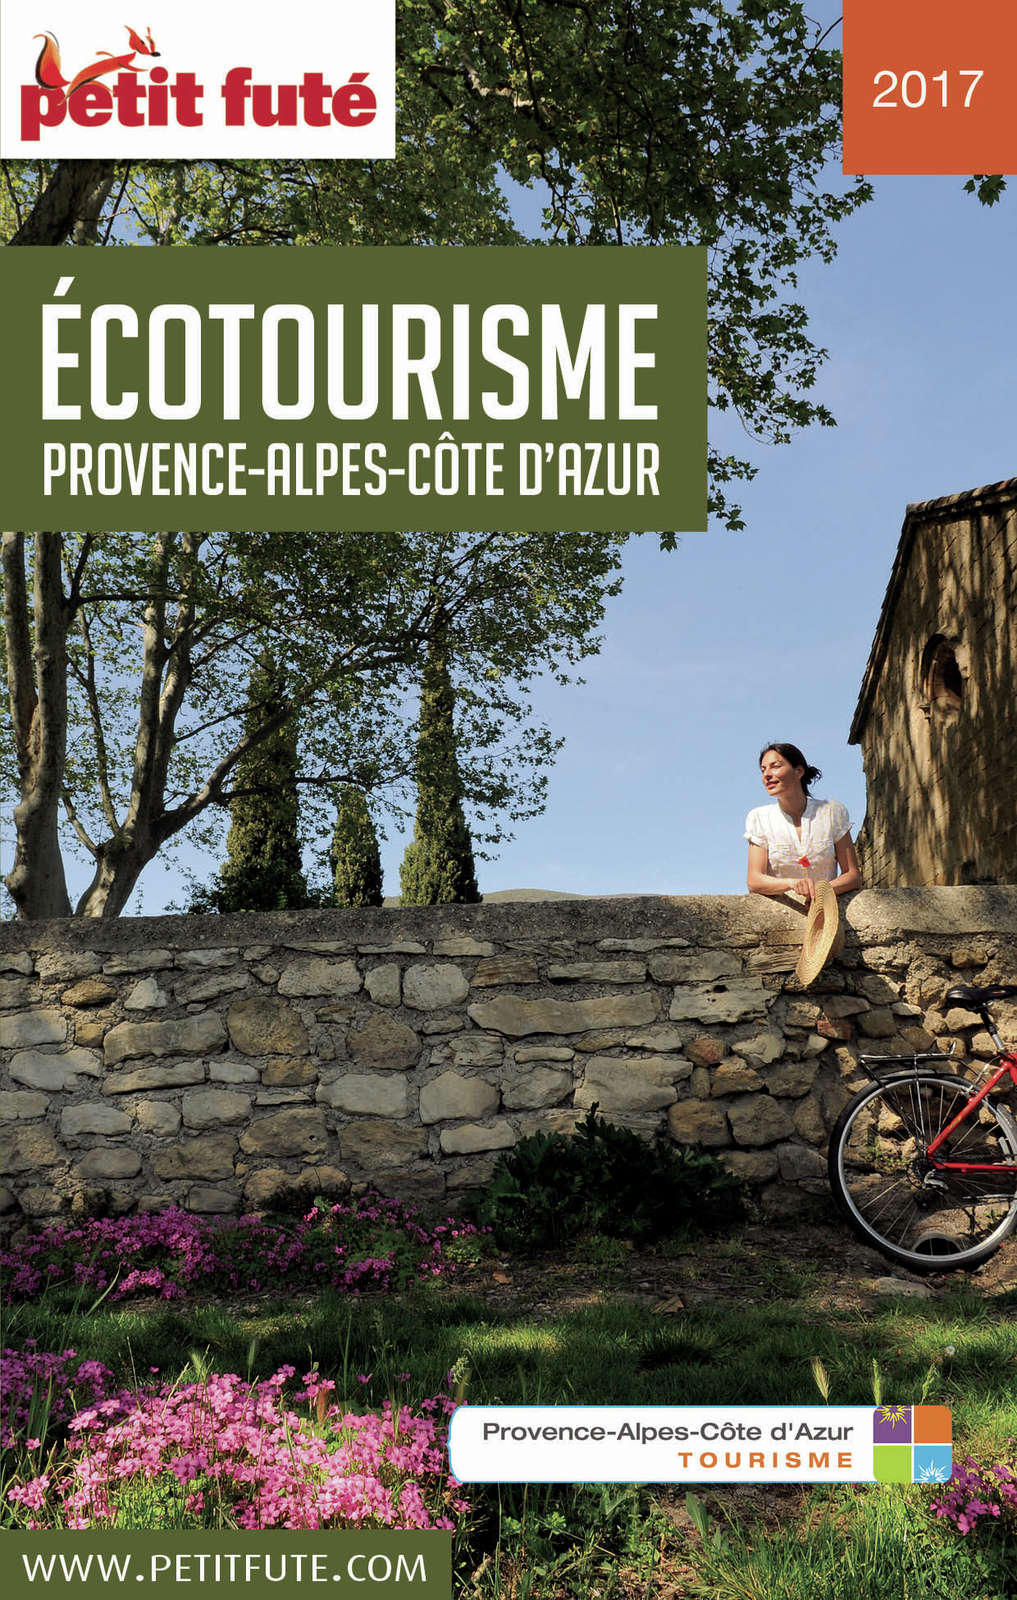 Écotourisme Provence-Alpes-Côte d'Azur 2017